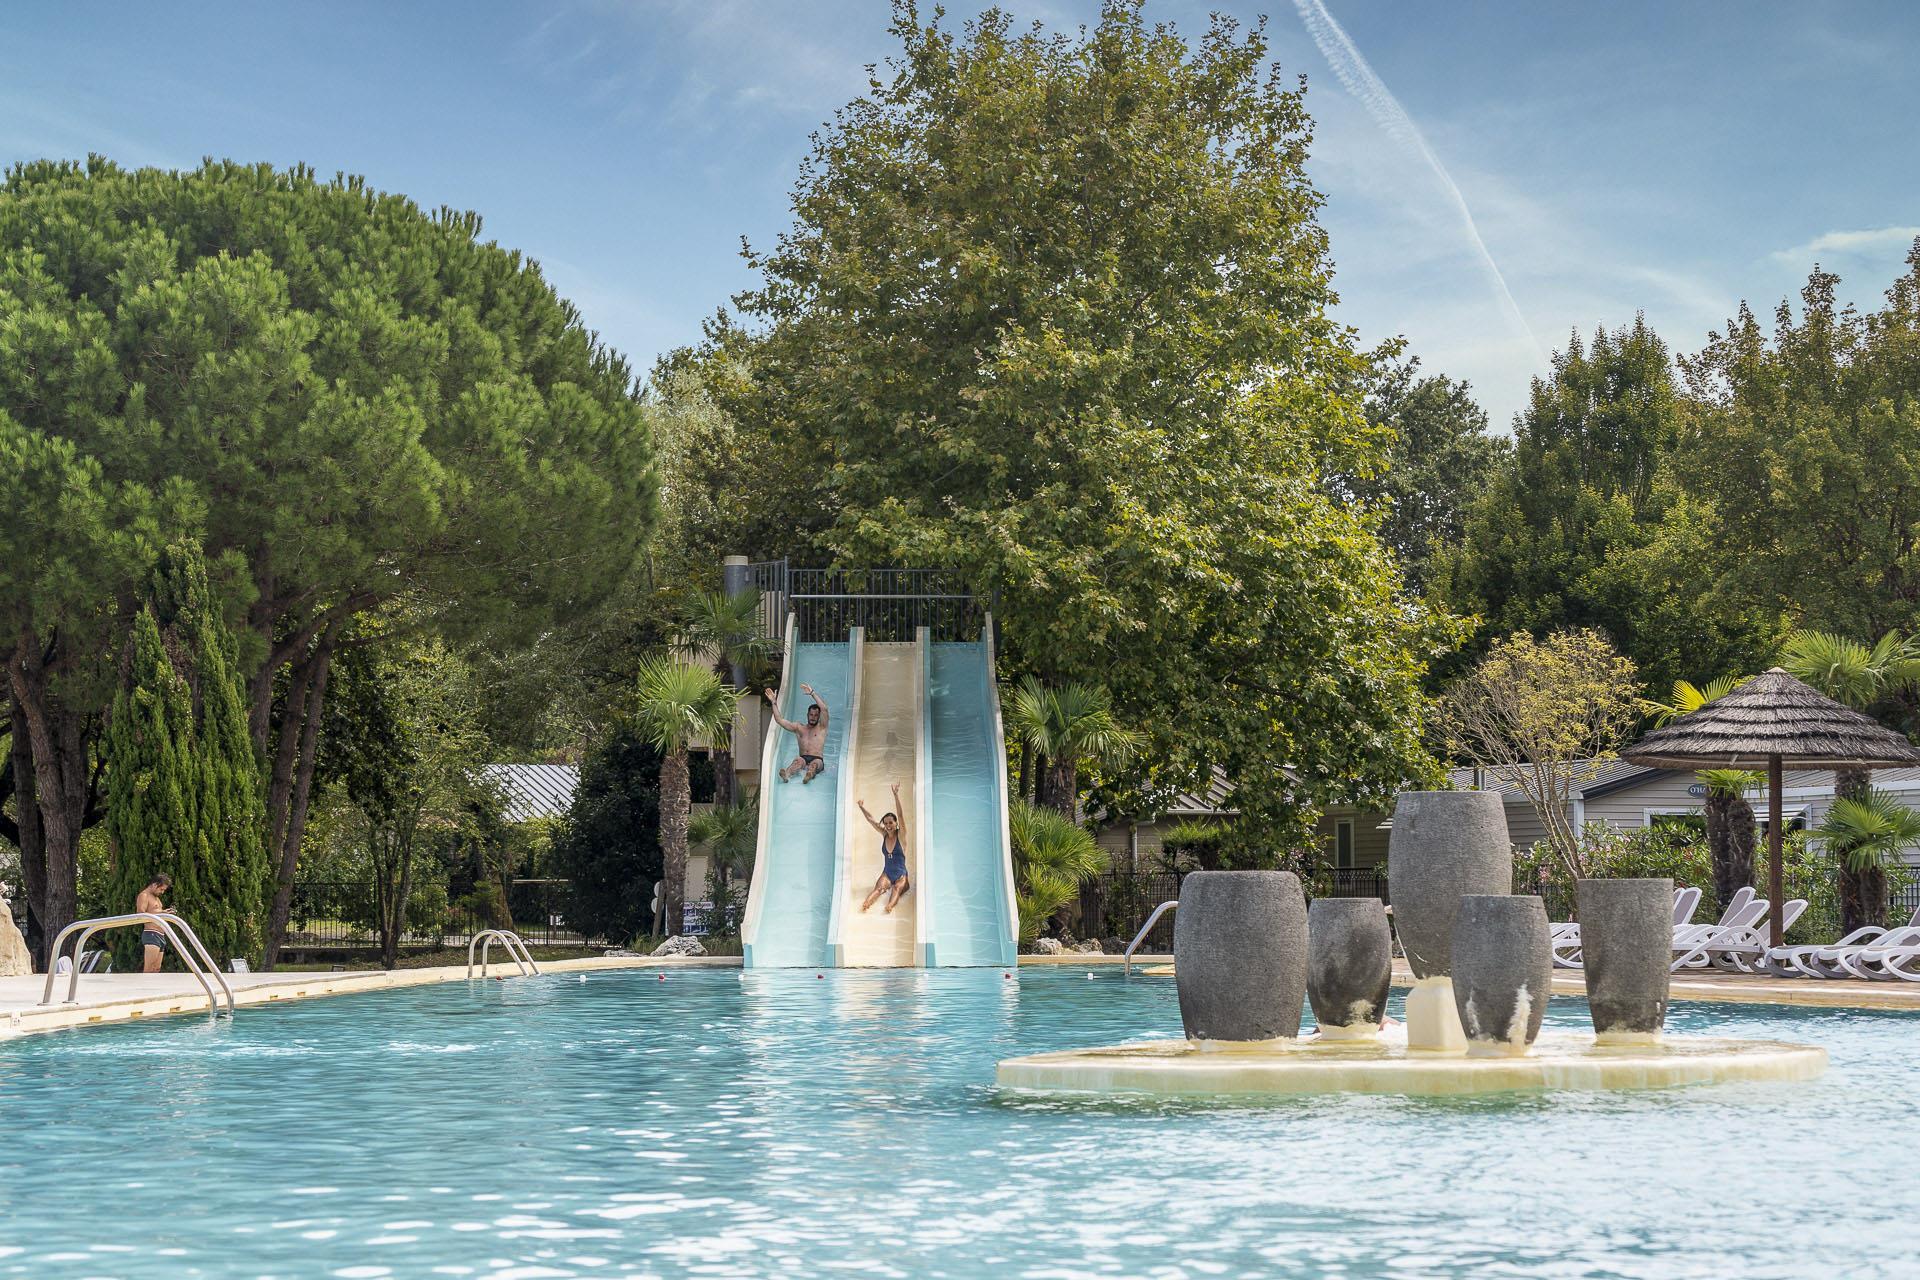 Camping Sandaya Séquoia Parc, Saint-Just-Luzac, Charente-Maritime